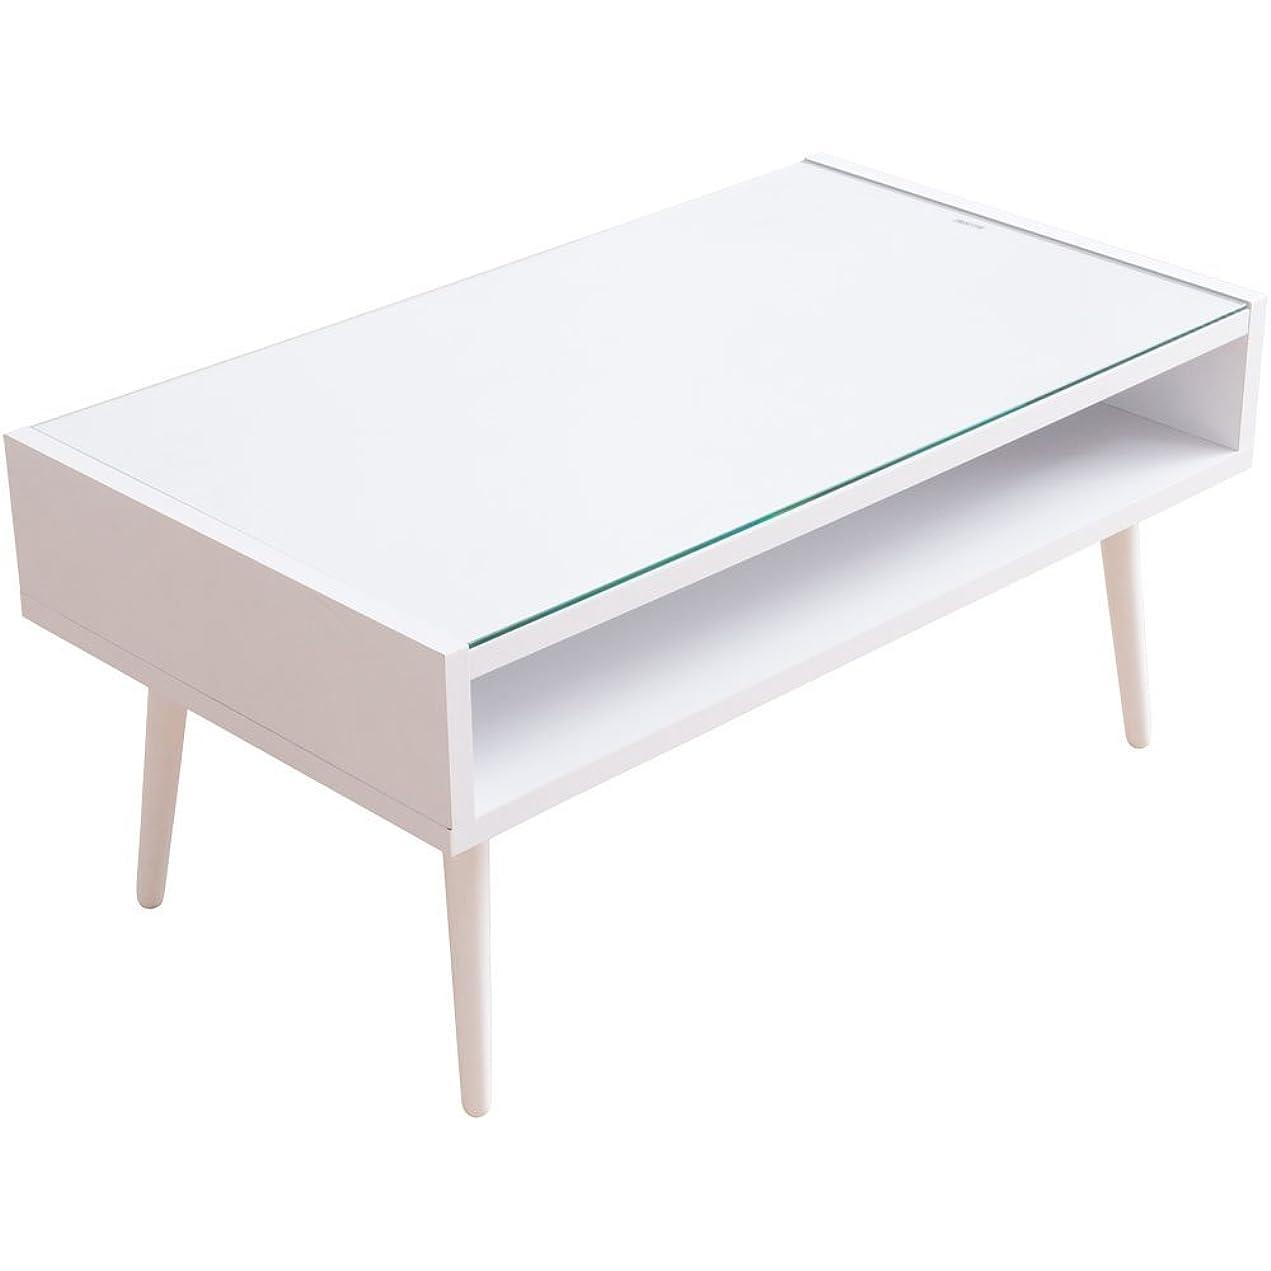 太鼓腹毒性三アイリスプラザ テーブル ローテーブル ガラス天板 収納 ディスプレイ ホワイト (約)幅80×奥45×高38cm CNMNTBLWN